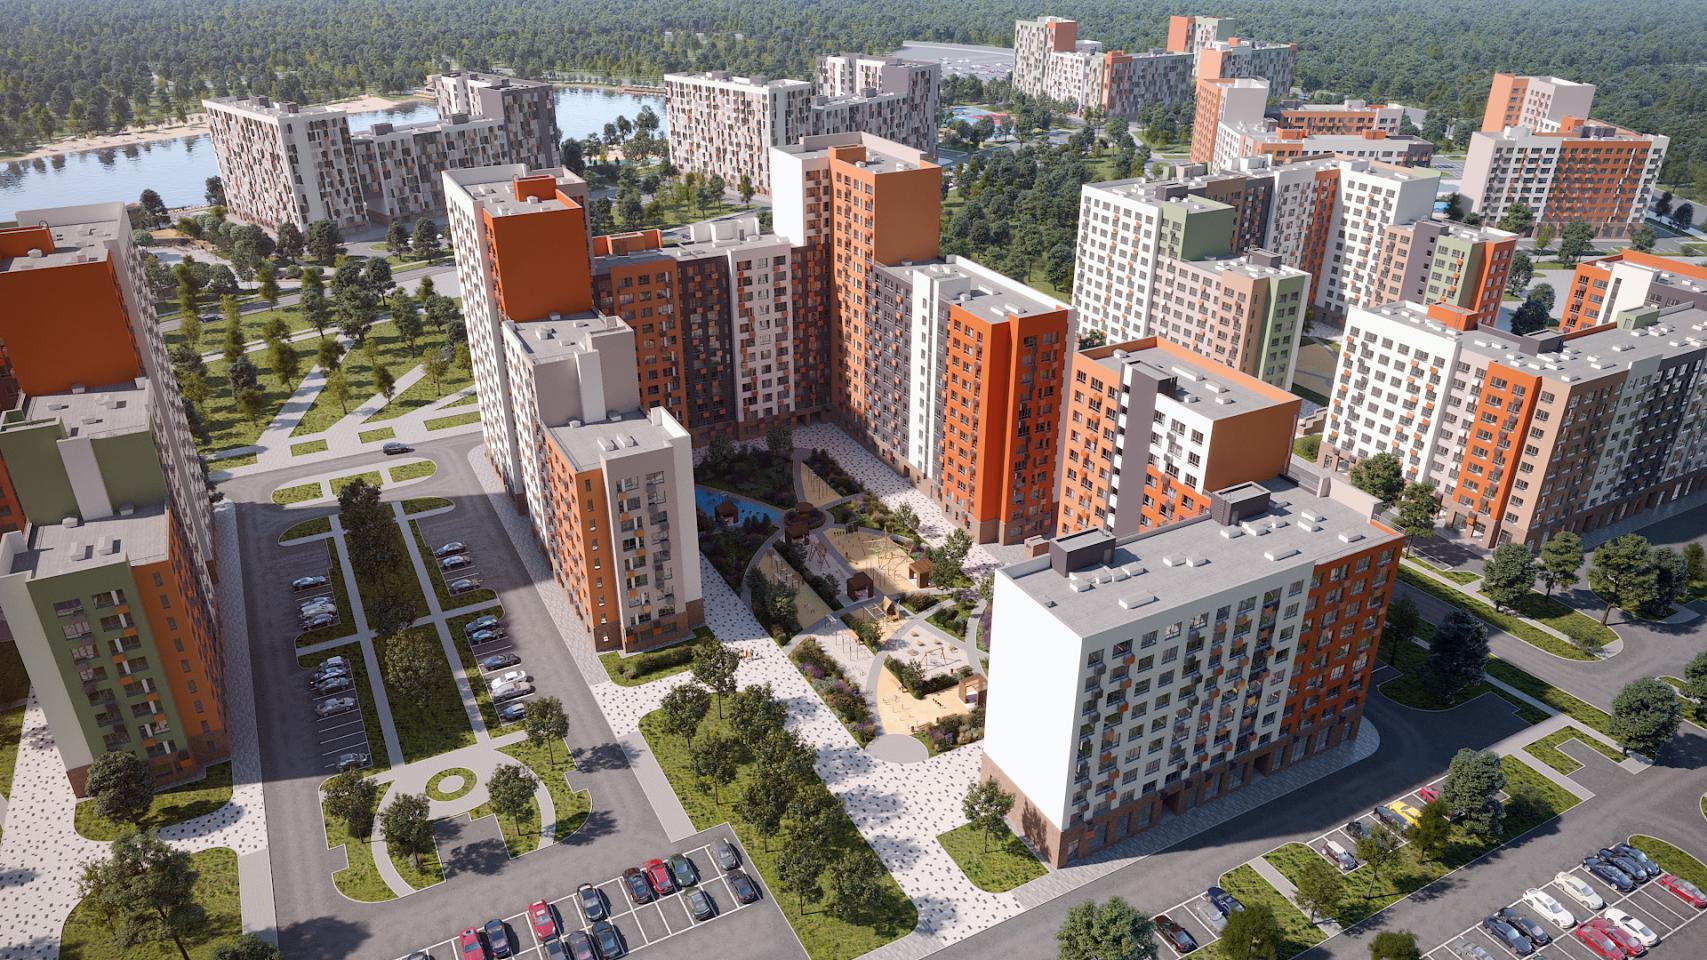 ВНовой Москве завершено строительство жилого дома идетского сада